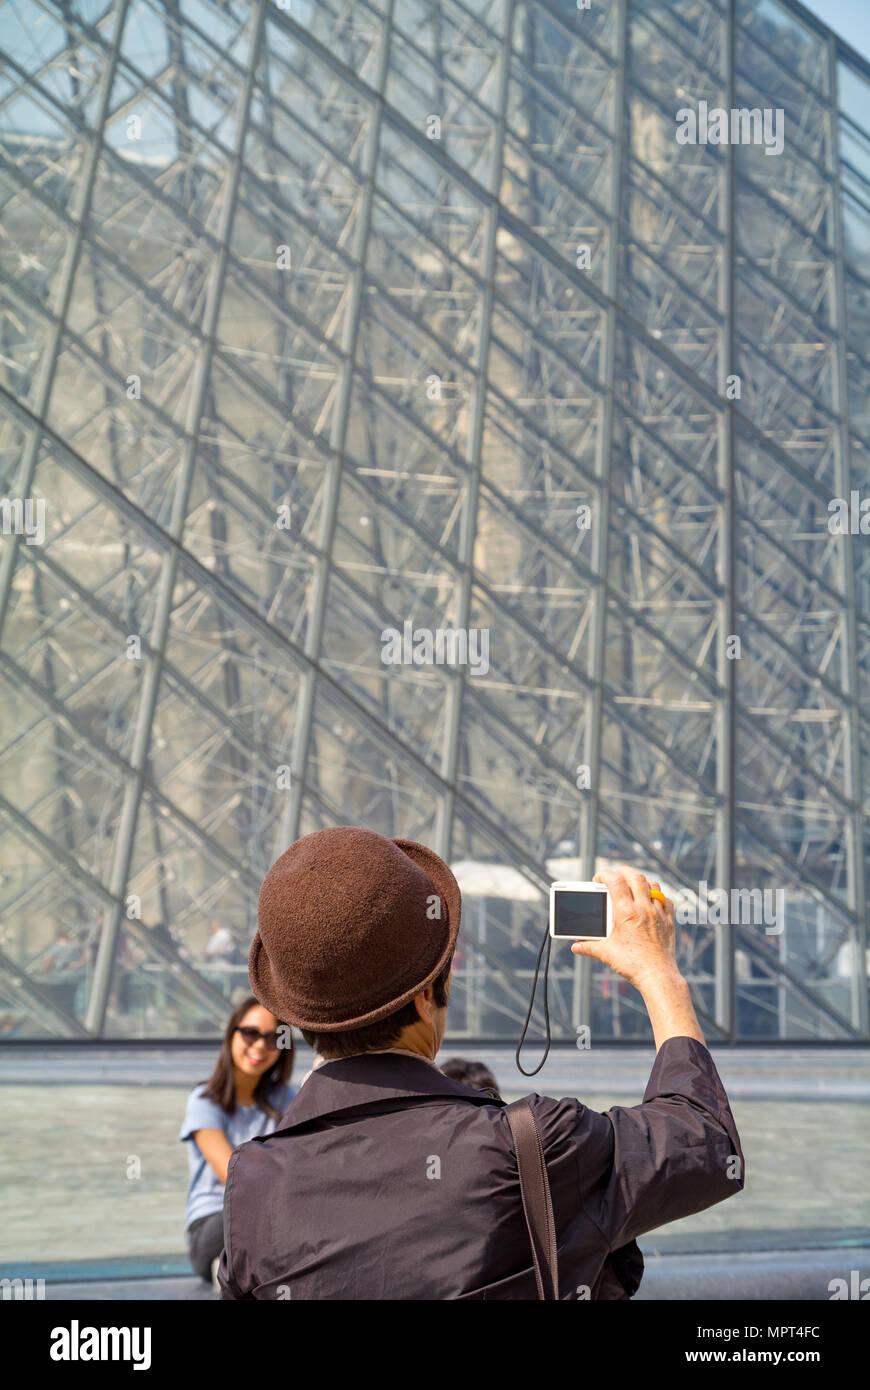 Una mujer asiática fotografiando una pirámide del Museo del Louvre, París, Francia Foto de stock